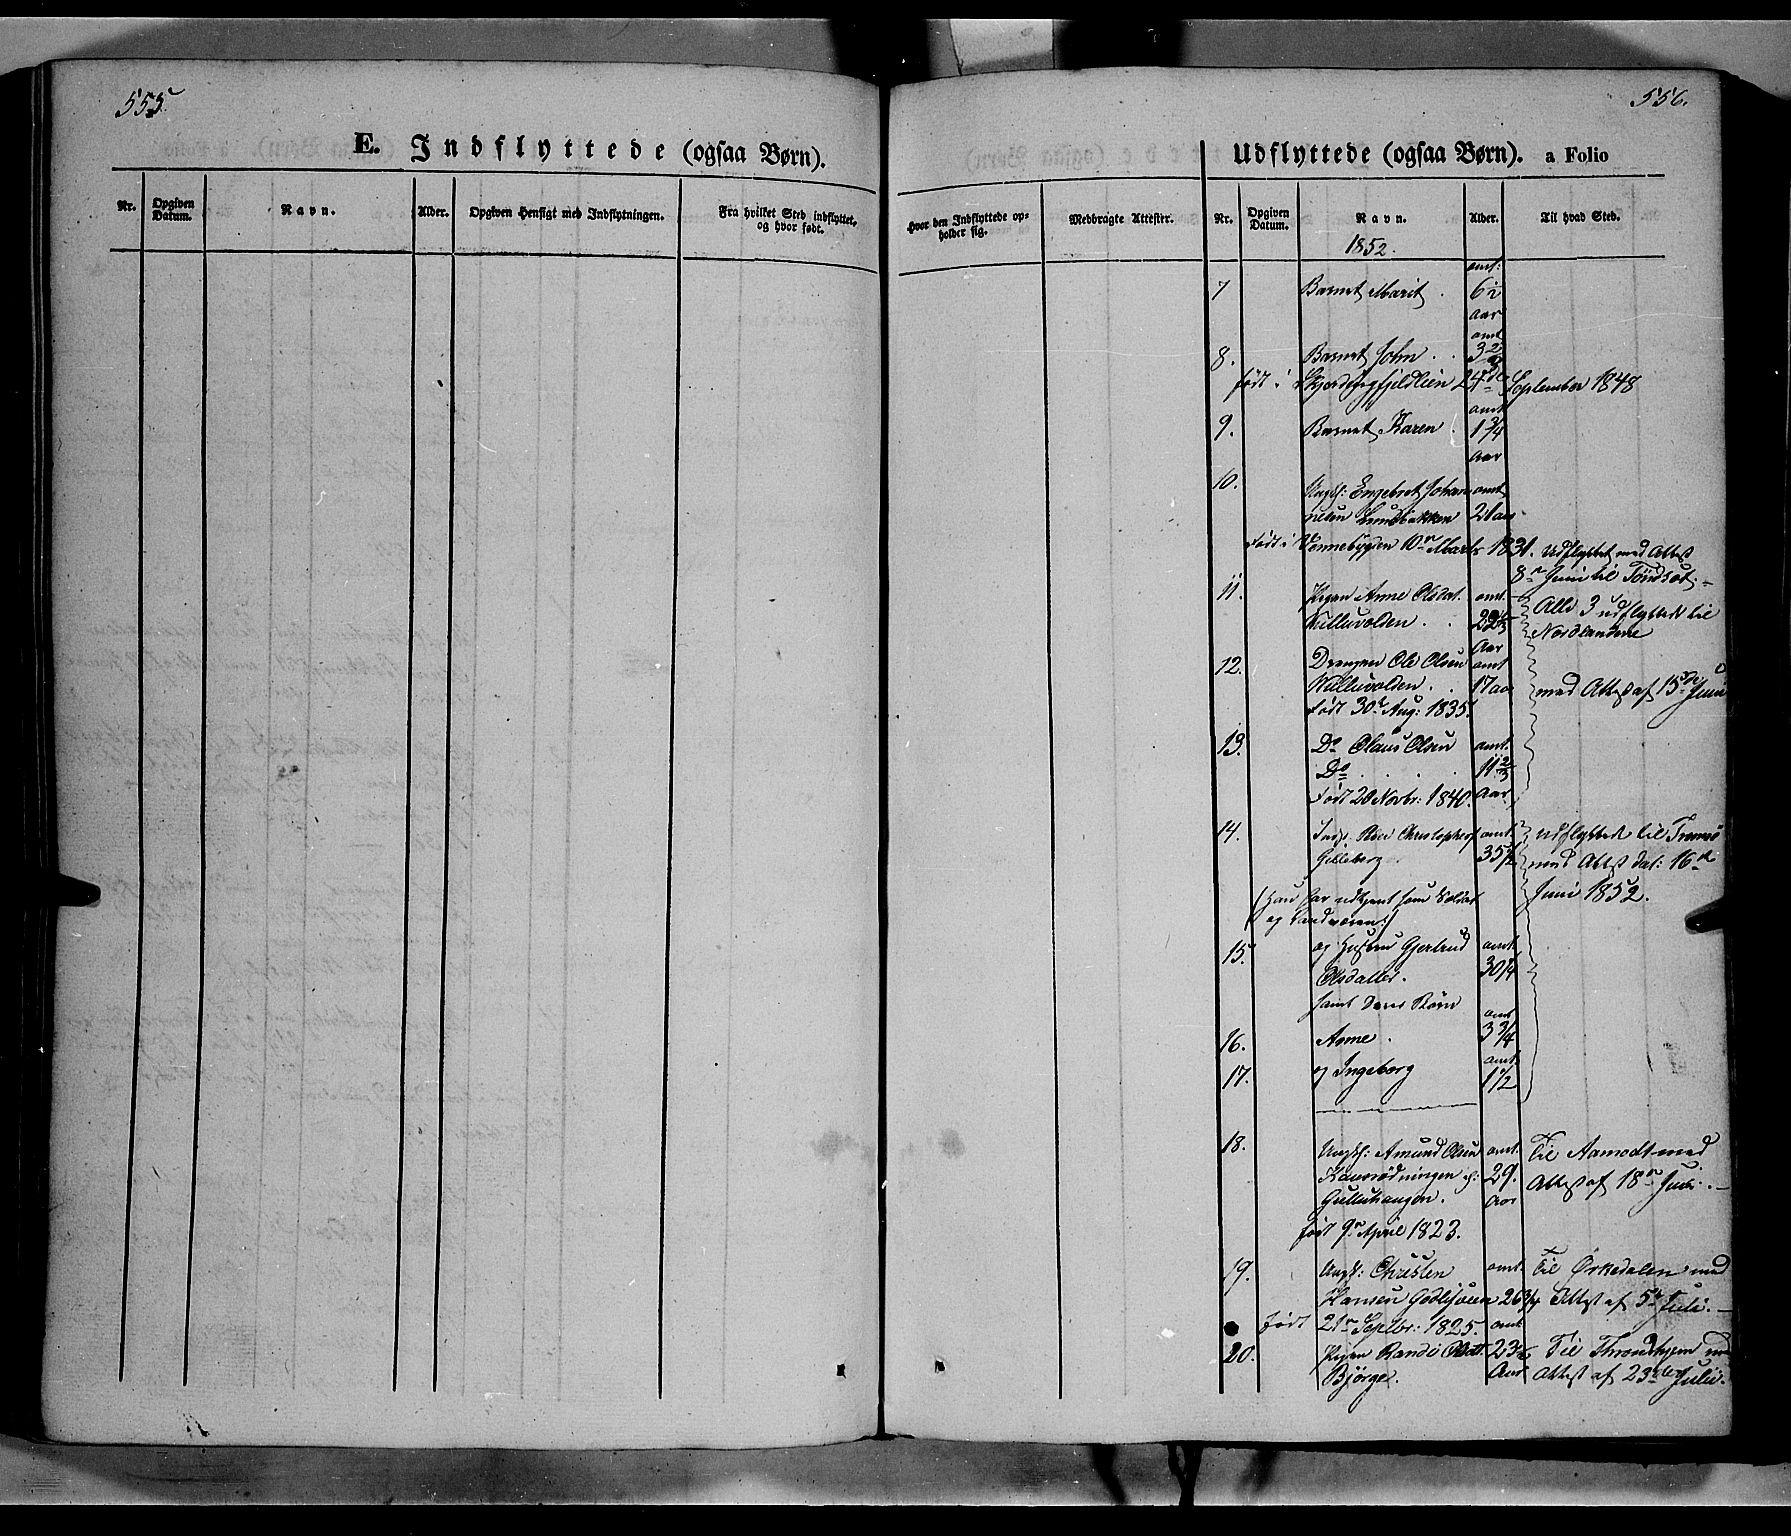 SAH, Ringebu prestekontor, Parish register (official) no. 6, 1848-1859, p. 555-556